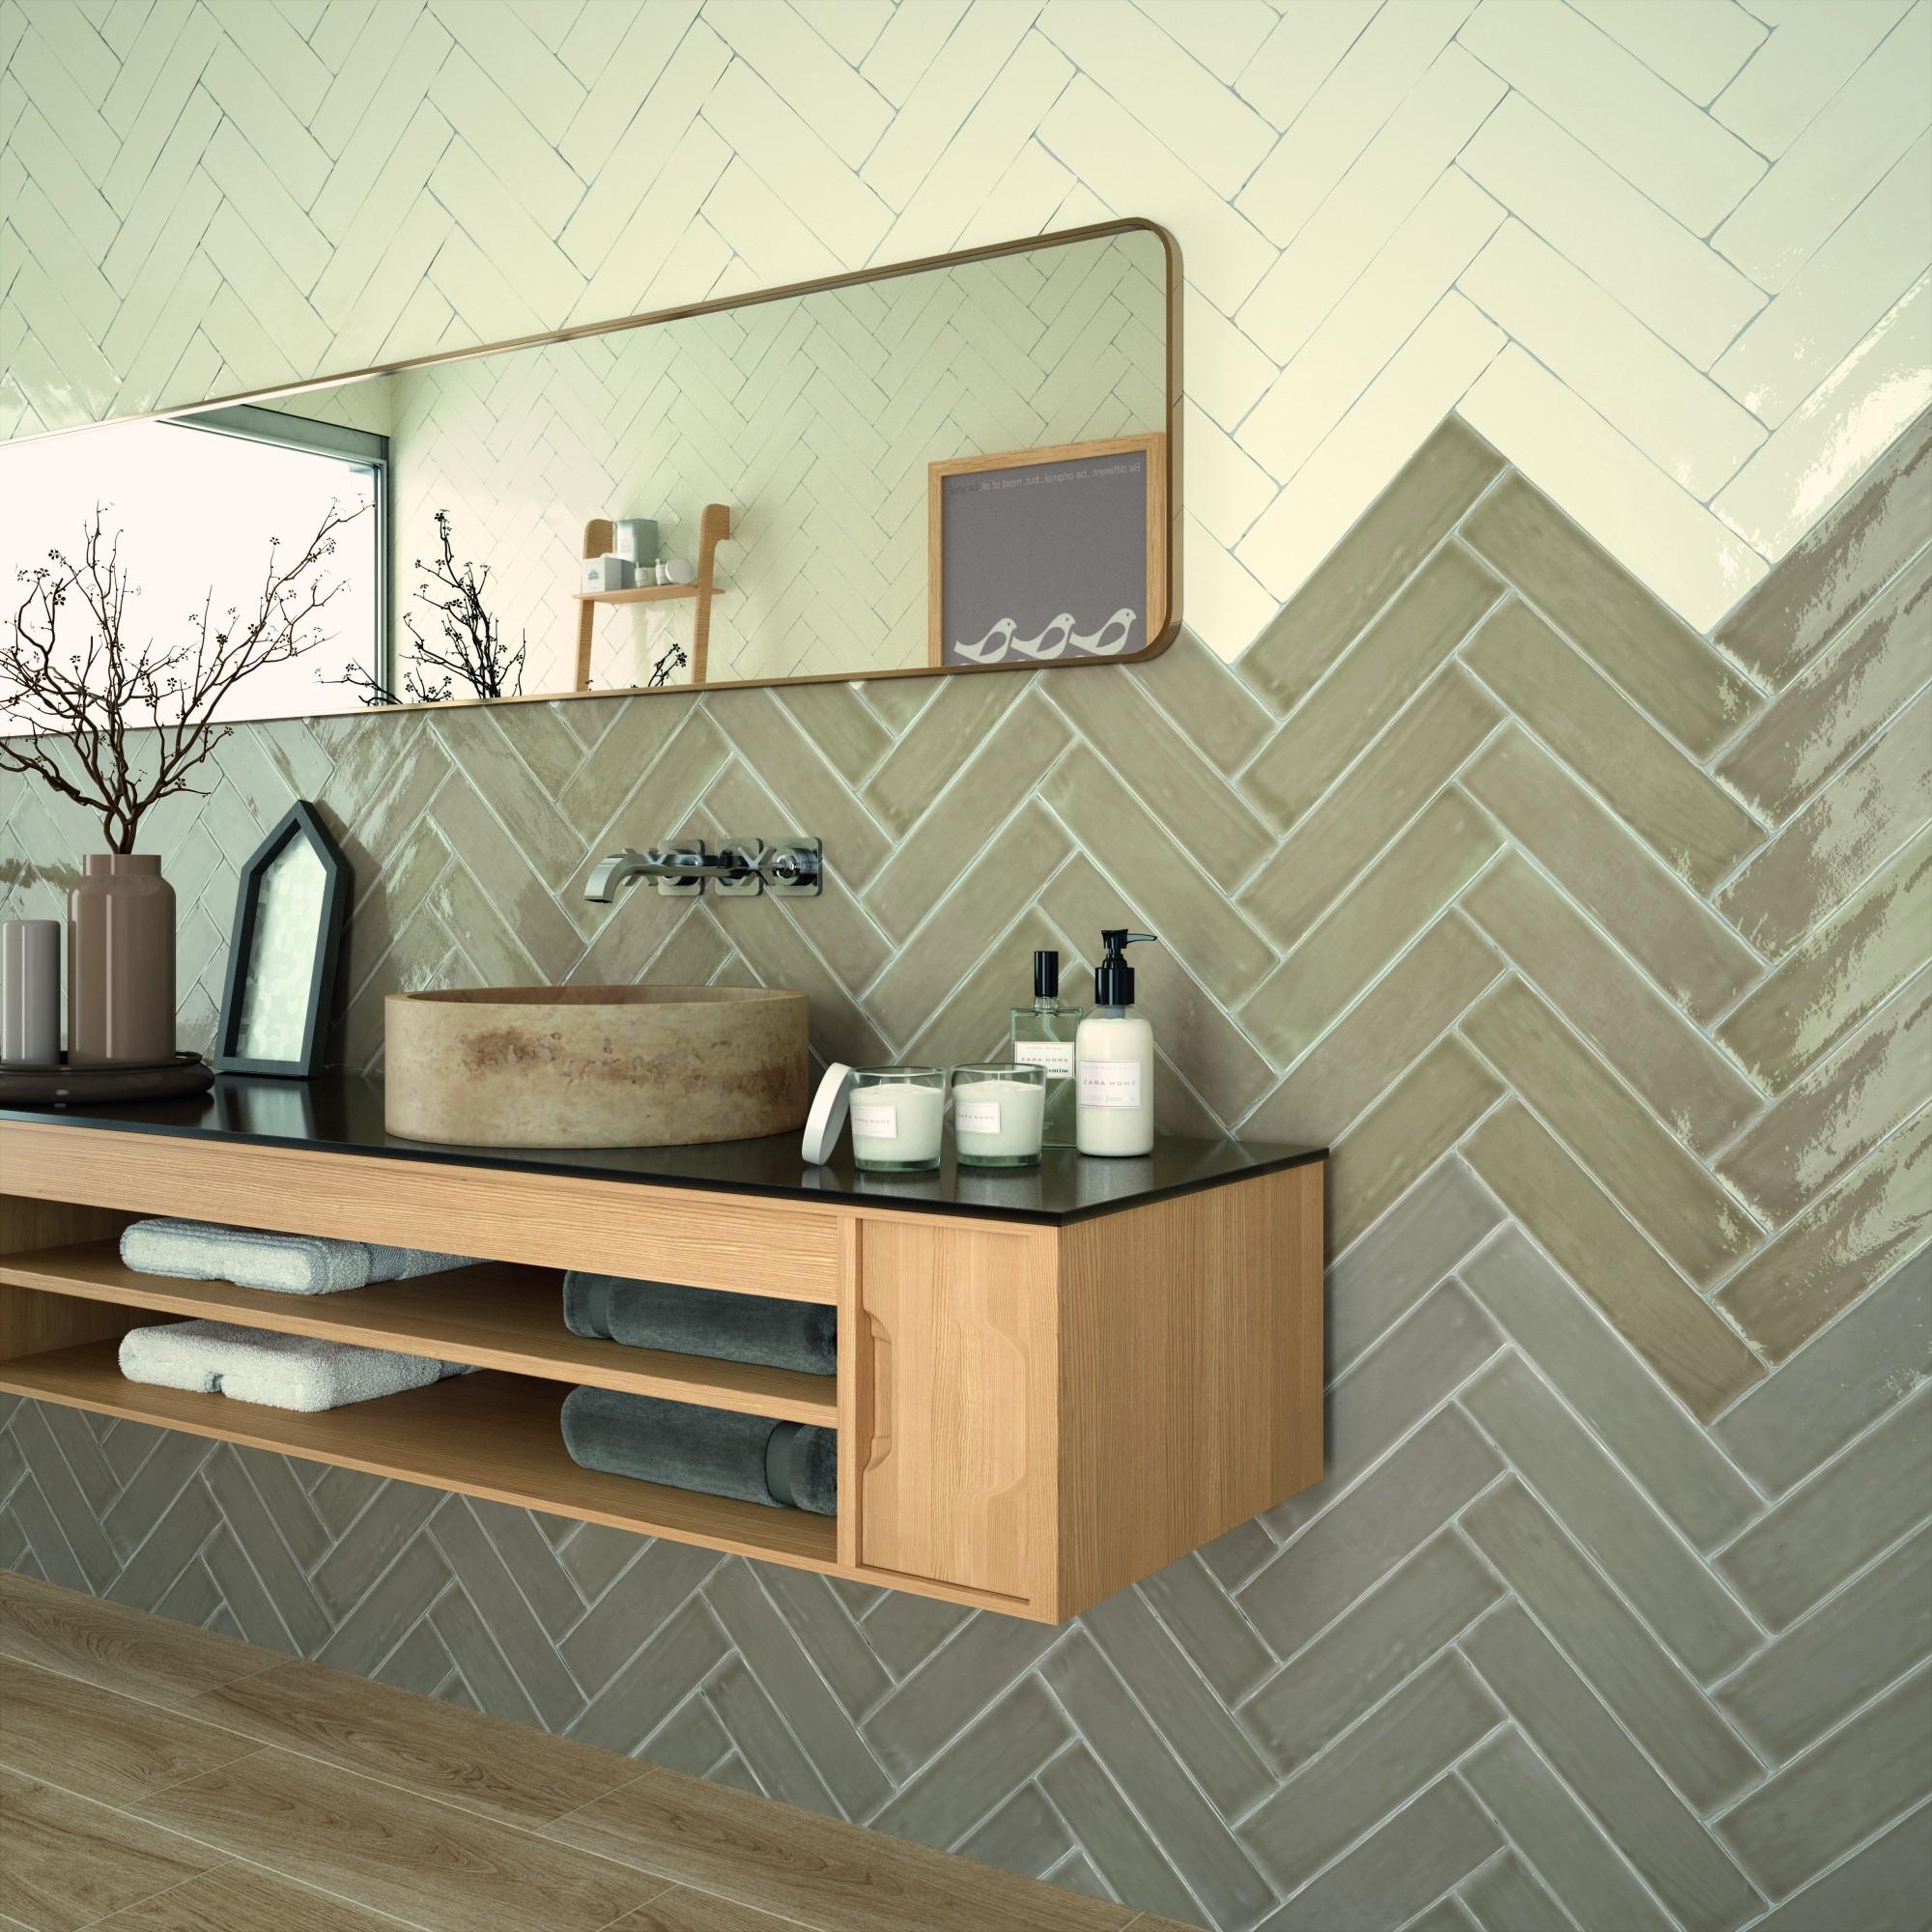 Tilefly.com Revestimiento Ceramica quarter round atelier ivory matt 15x30